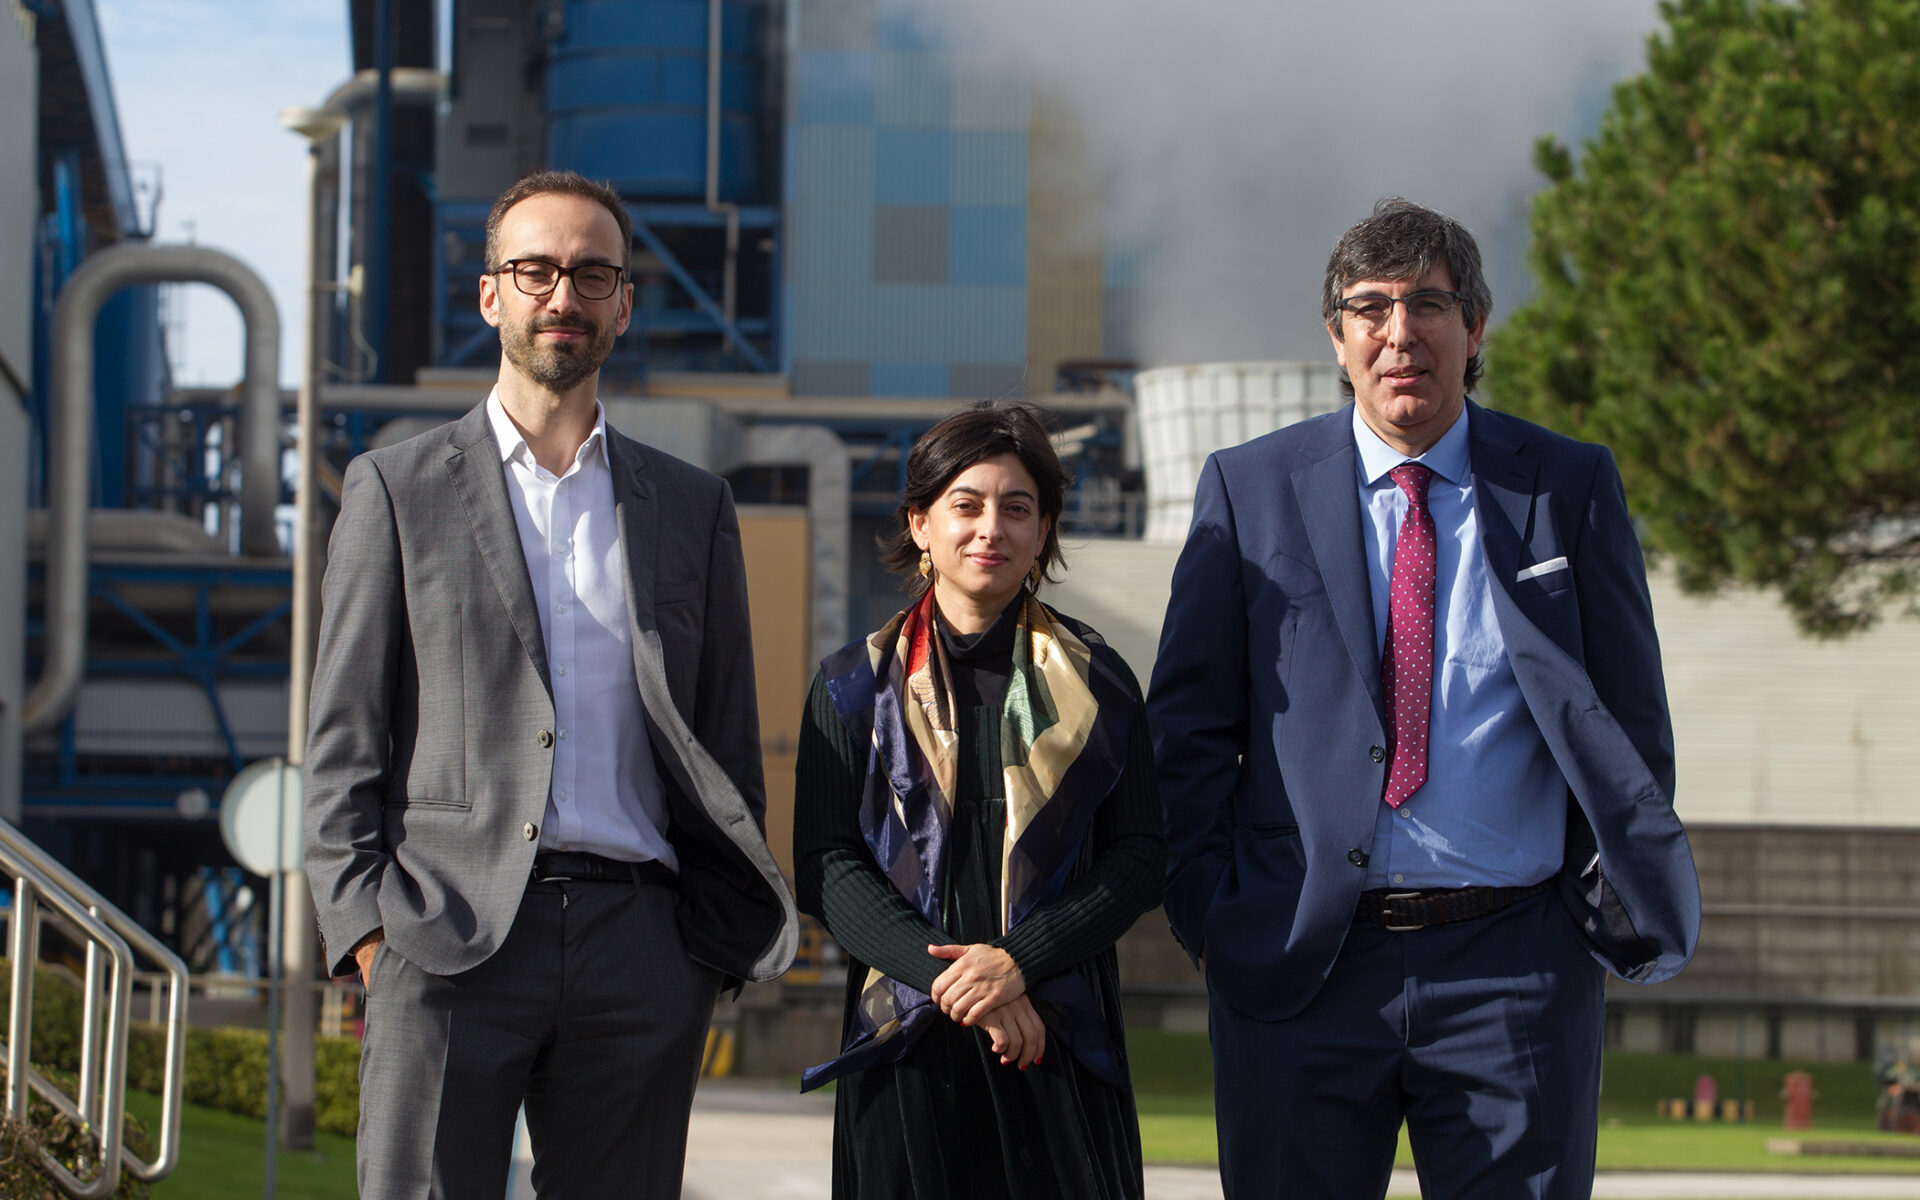 Gabriel Sousa, diretor de Inovação e Desenvolvimento Tecnológico da Altri com João Martins e Isabel Sêco, gestores de Inovação